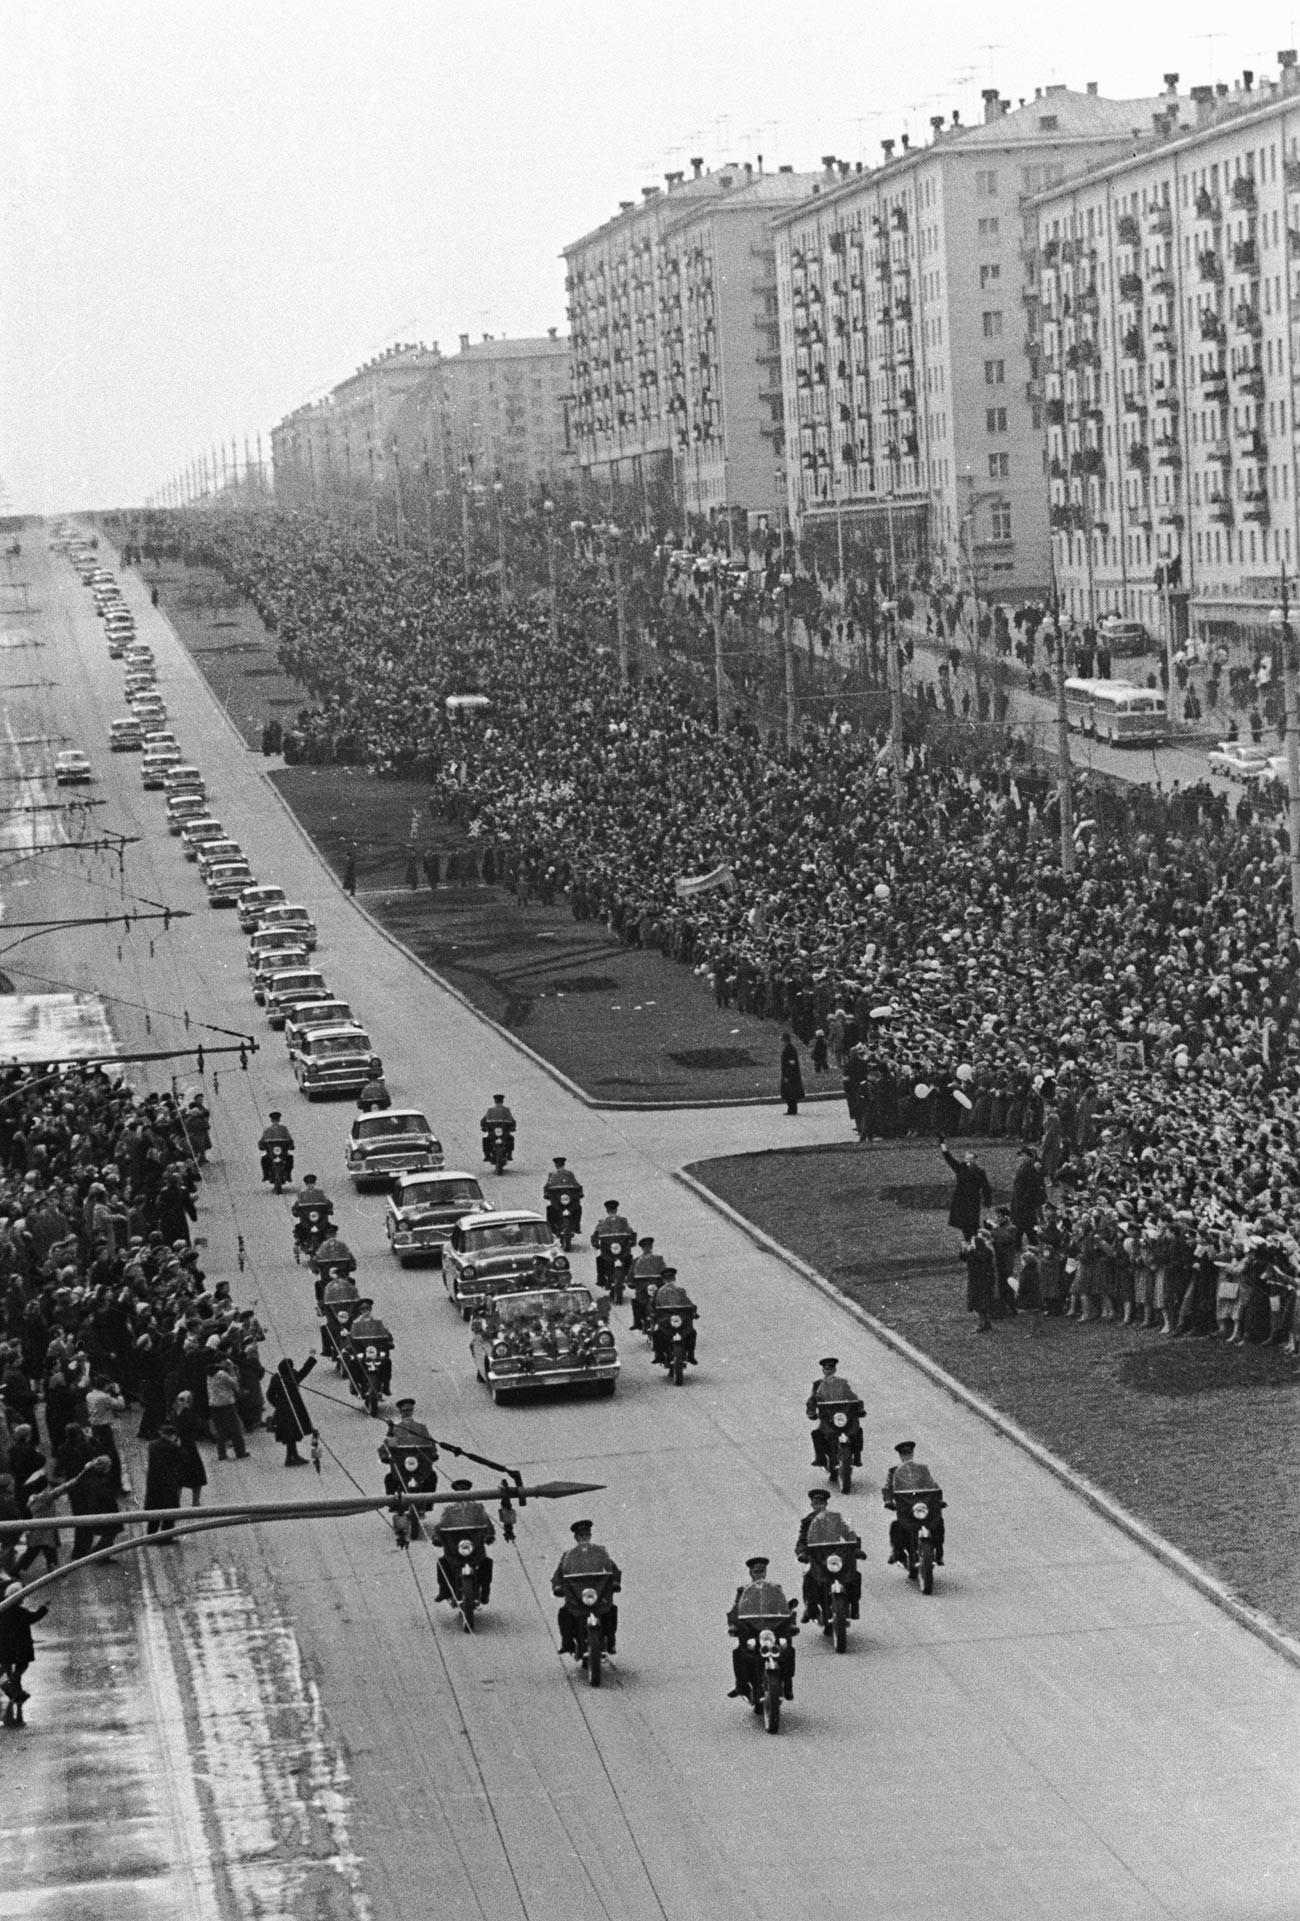 Gagarine et son cortège vont directement de l'aéroport à la place Rouge